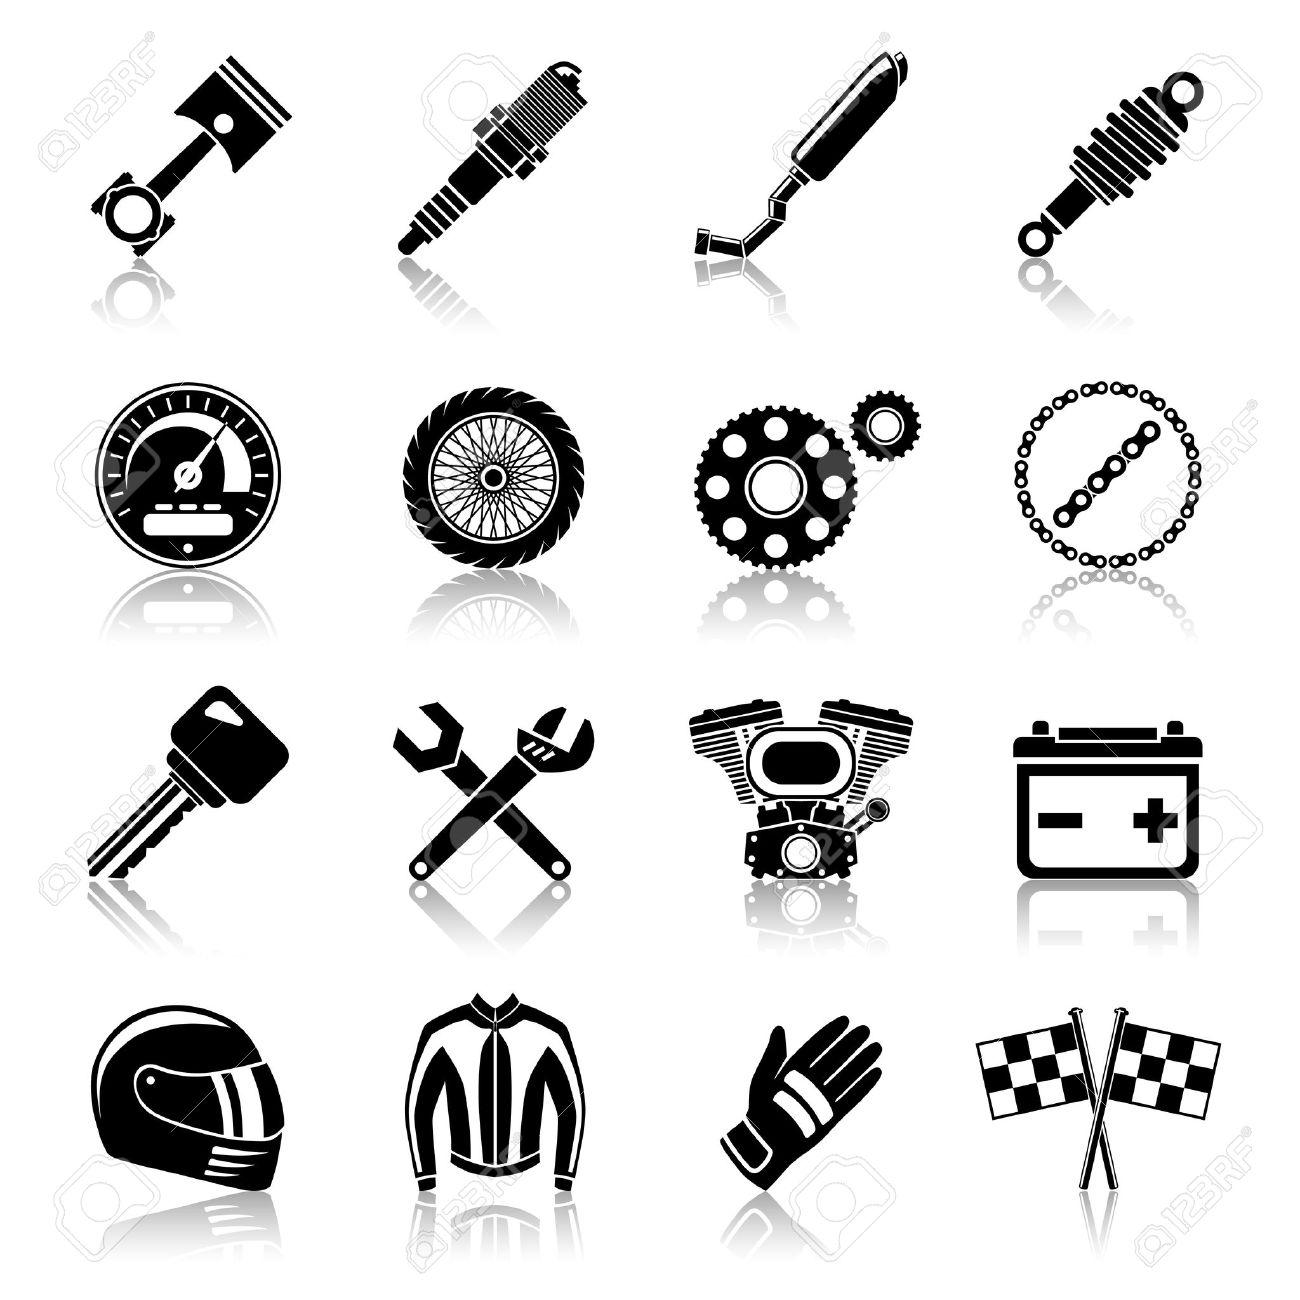 オートバイ部品の黒いアイコン ヘルメット スパナ タイヤ分離ベクトル